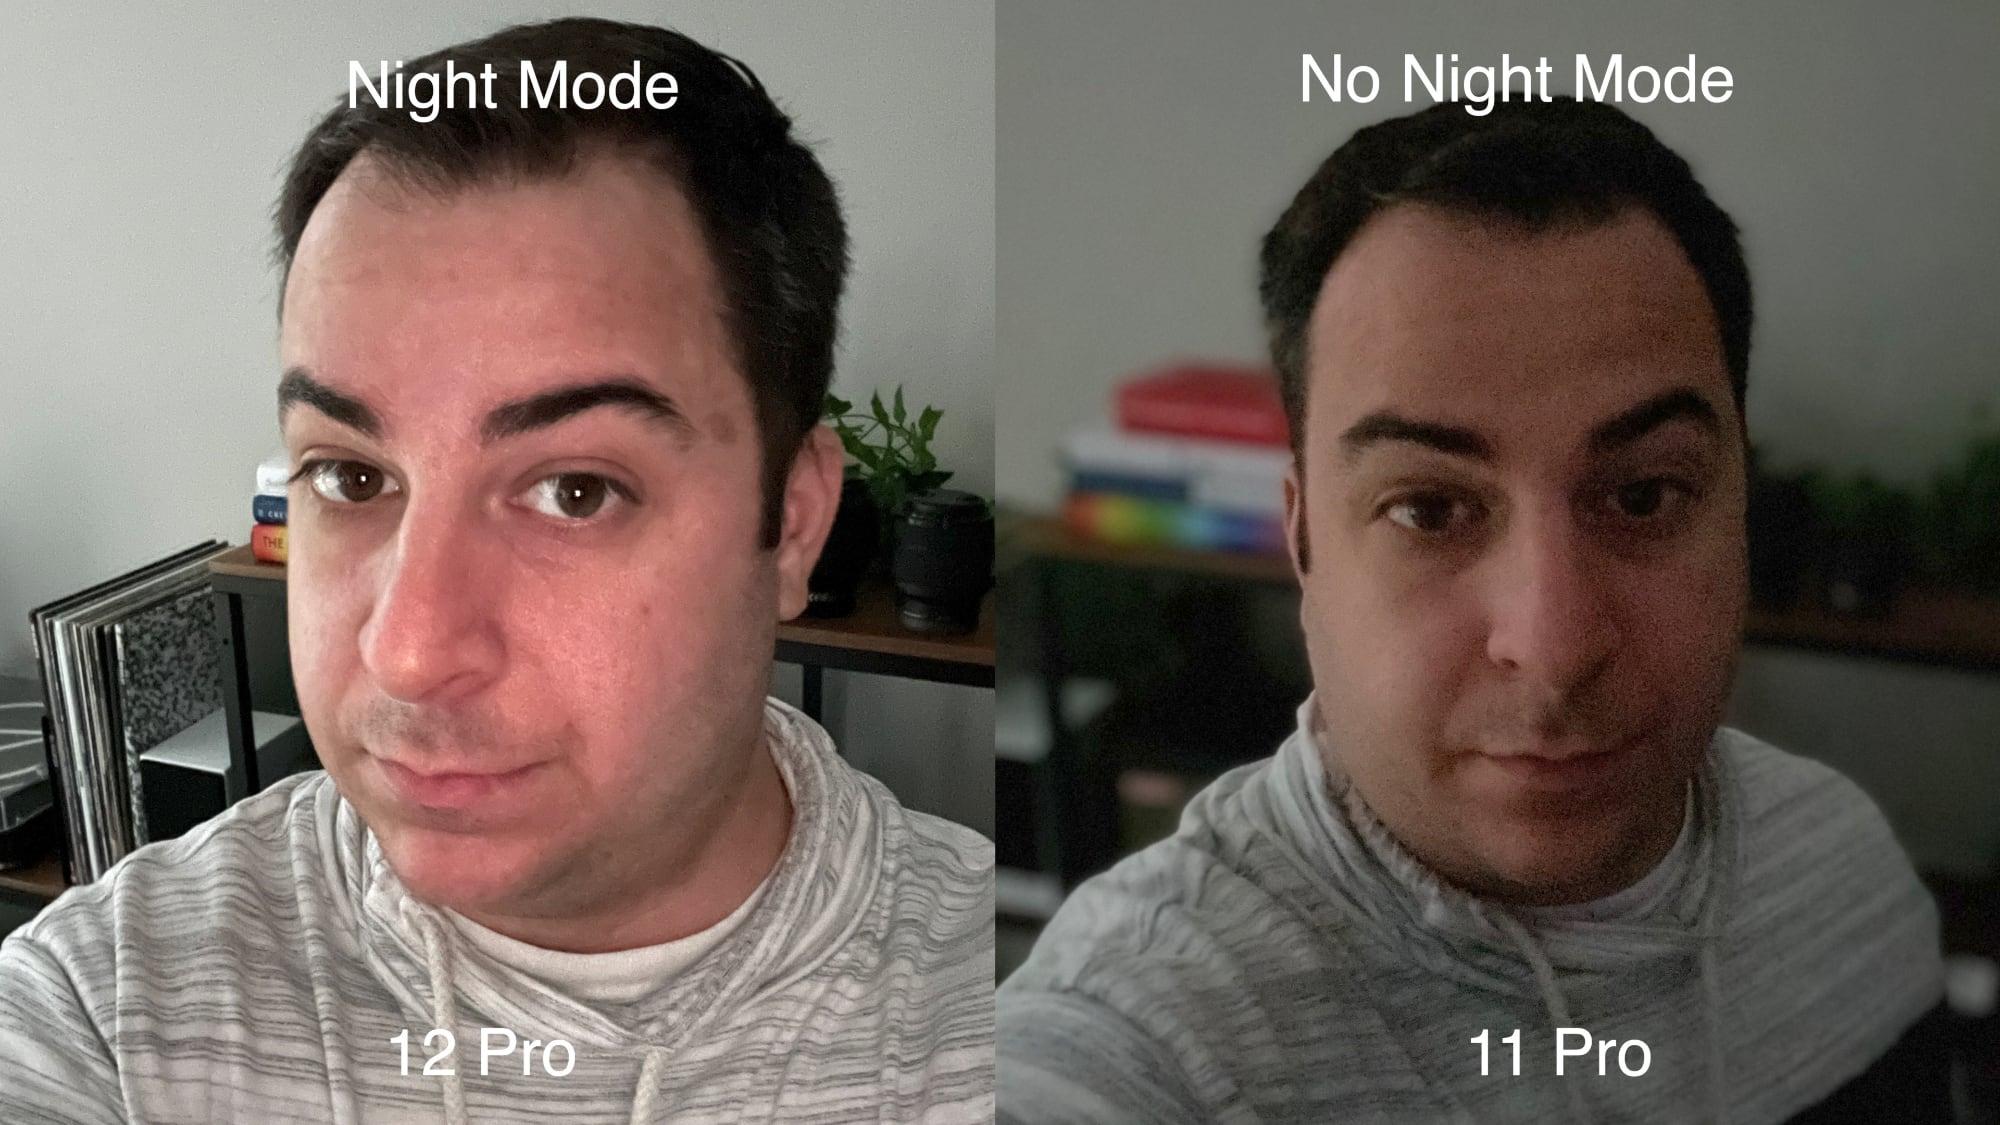 Camera Comparison: iPhone 12 Pro vs. iPhone 11 Pro